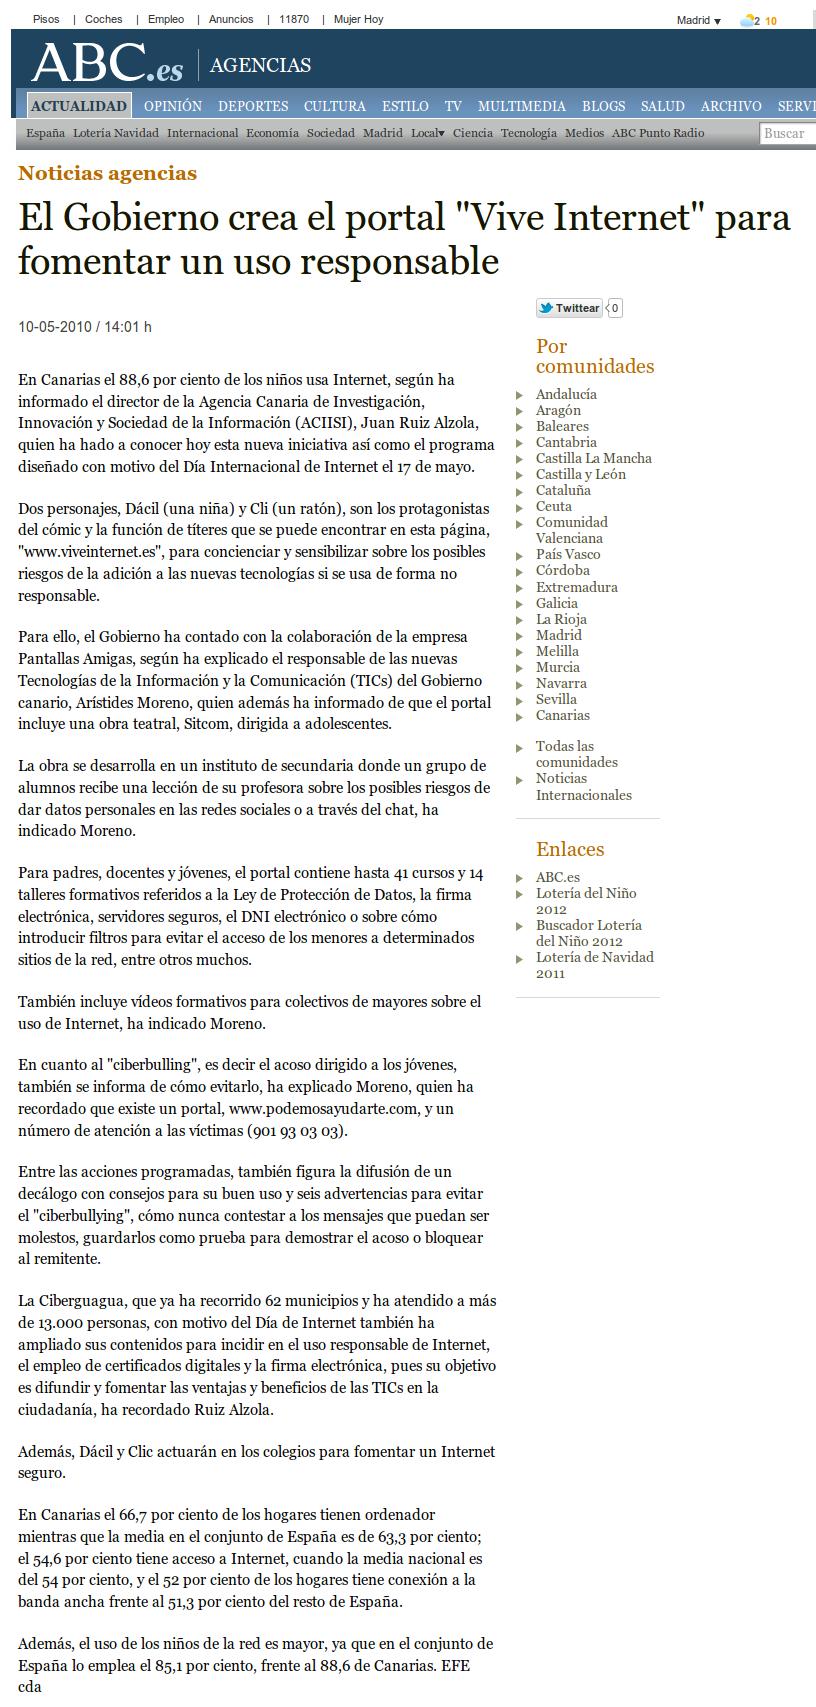 El Gobierno [canario] crea el portal Vive Internet para fomentar el uso responsable